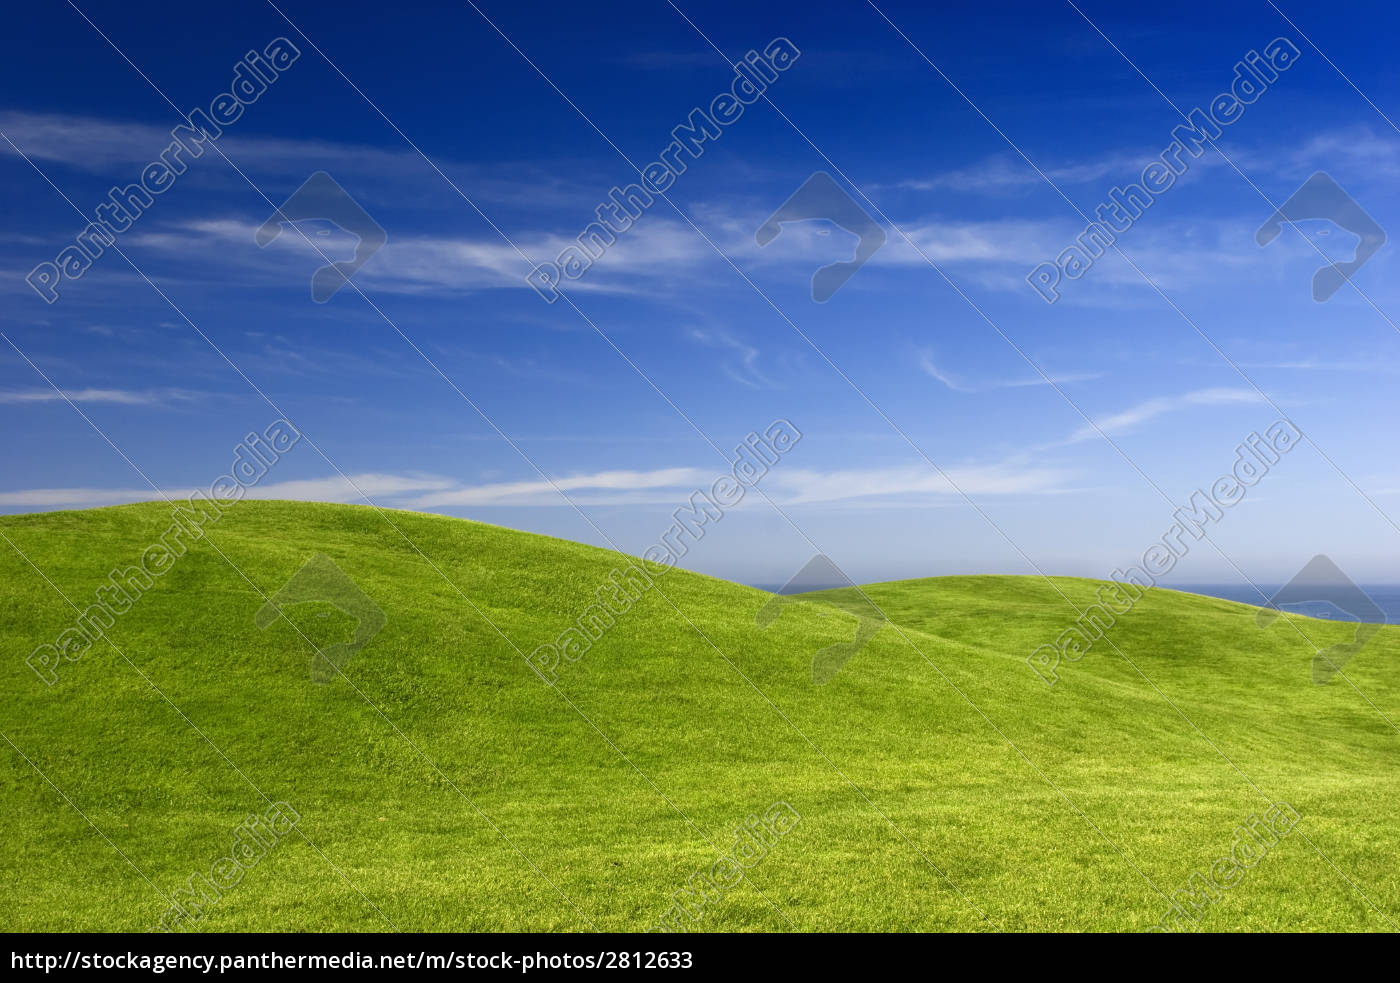 green, meadow - 2812633